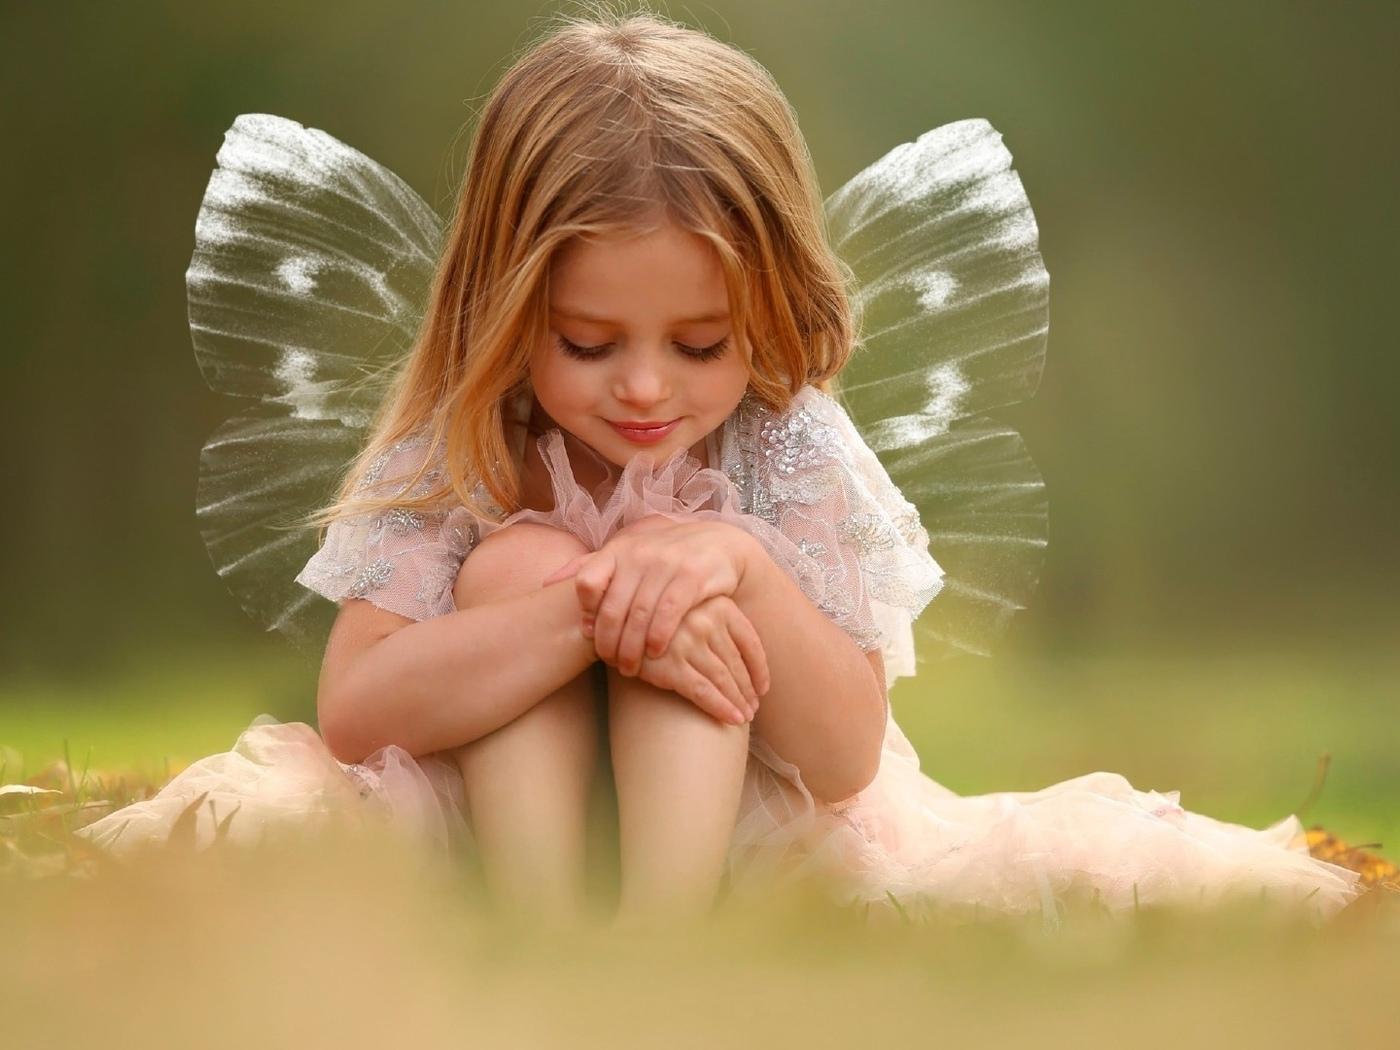 Сбор заказов. Республика Ангелов - нижнее бельё и пижамы для детей от 2 до 12 лет. Без рядов.21